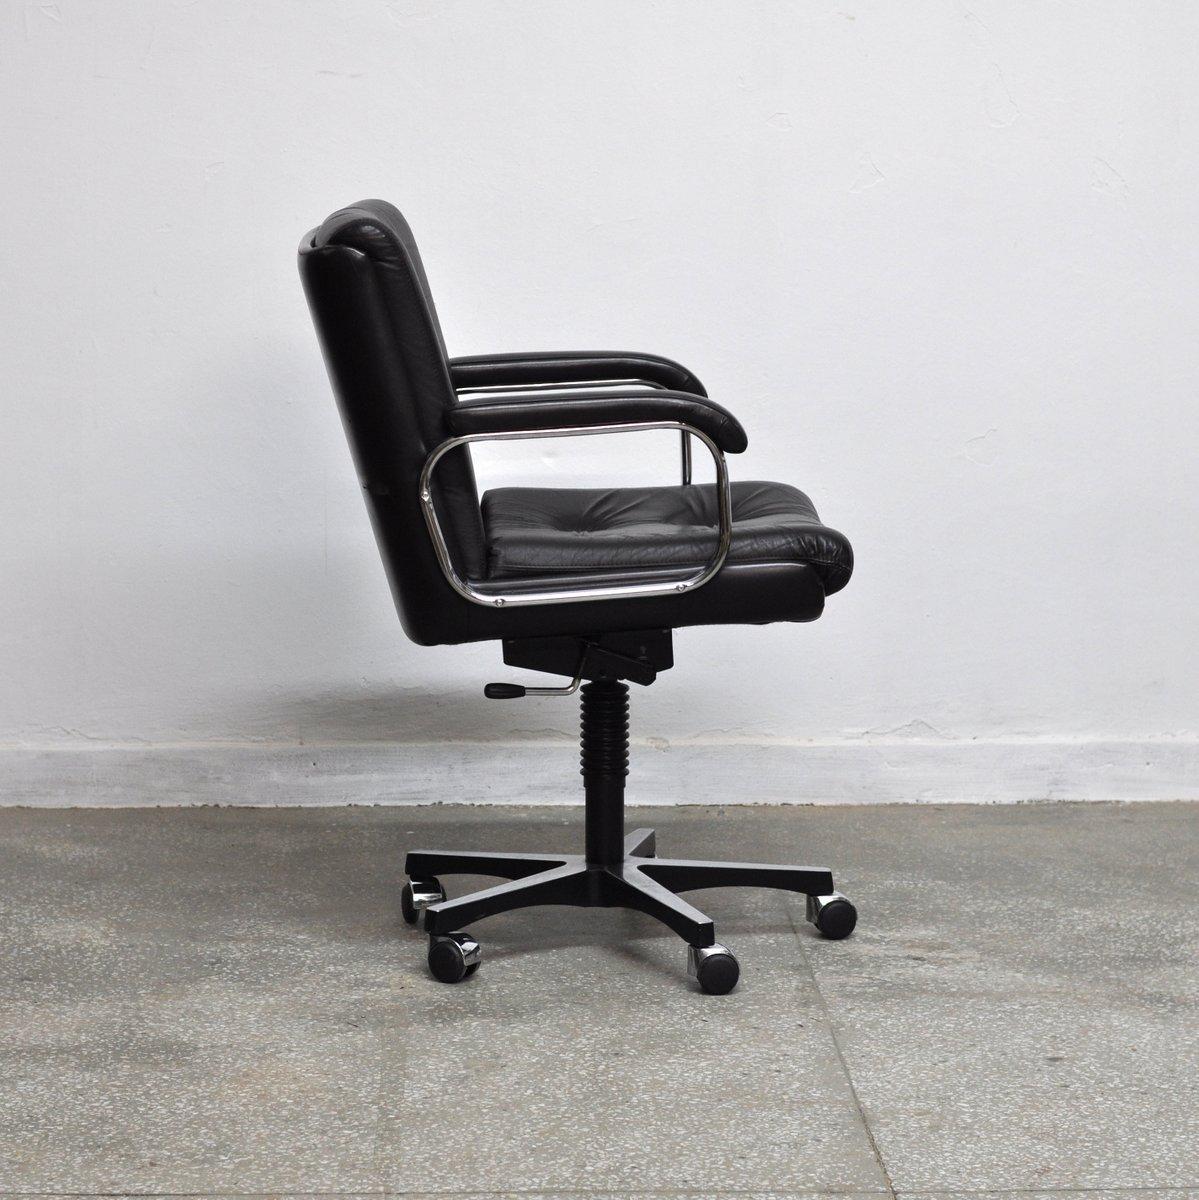 ergonomic chair norway high back dining slipcovers vintage norwegian office from ring mekanikk for sale